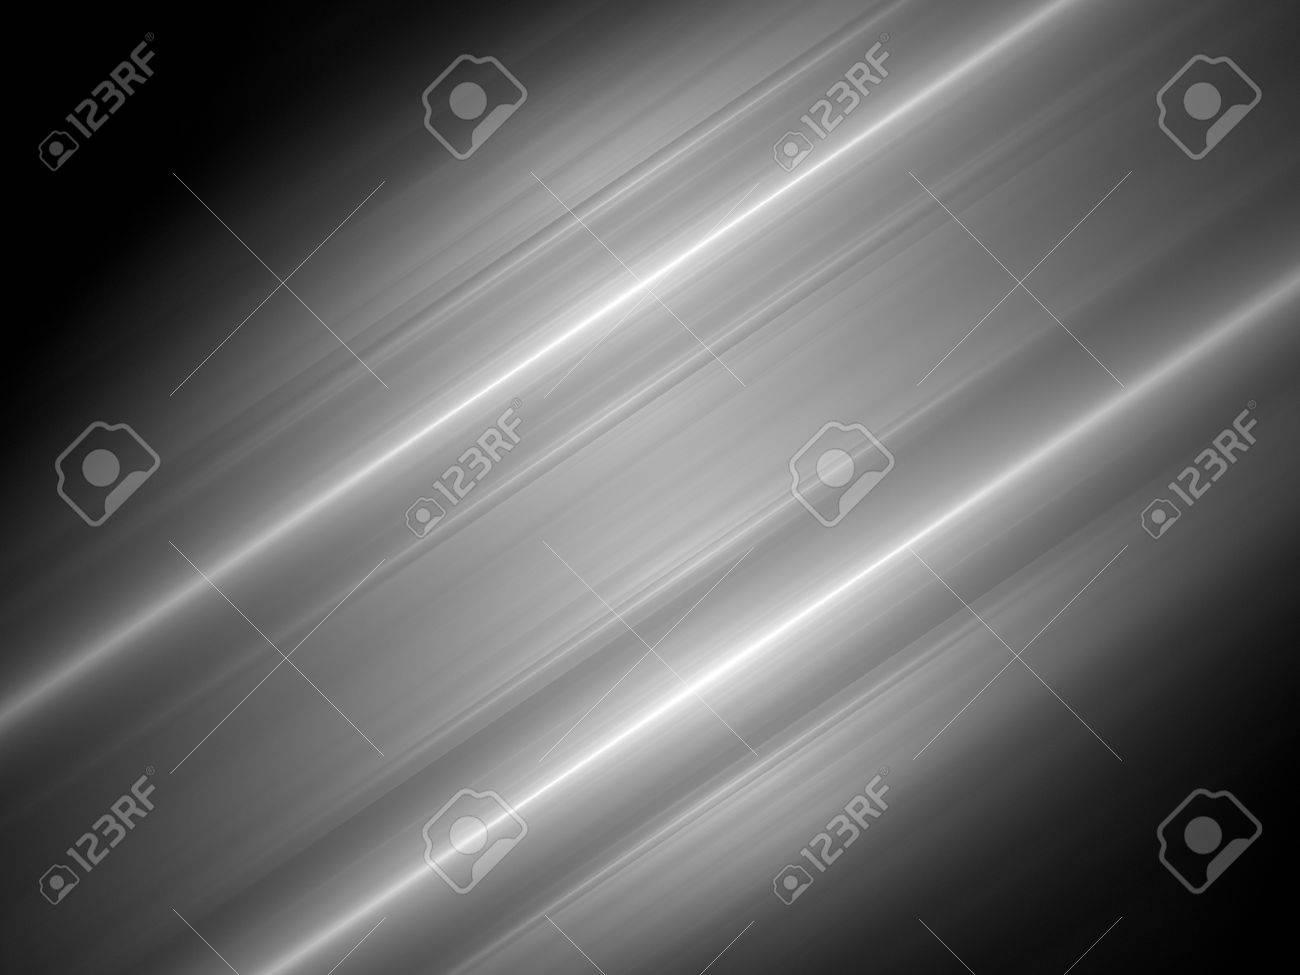 Doppia mappa intensità motion blur texture in bianco e nero